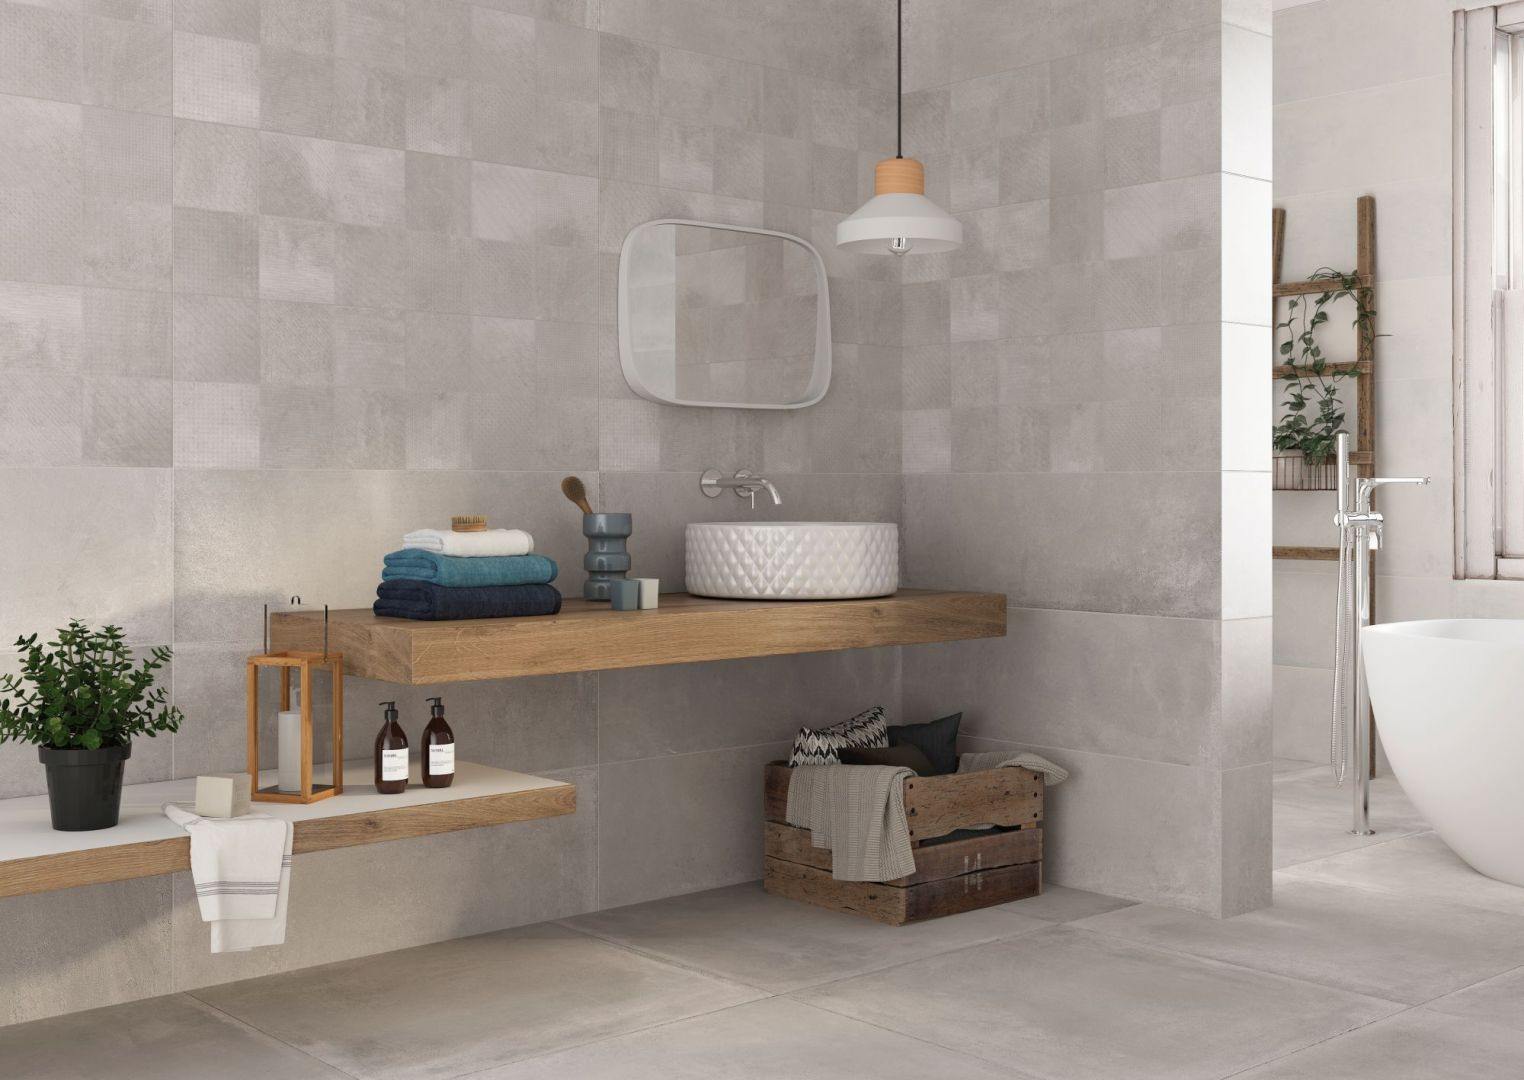 Nowoczesna łazienka. 30 pięknych kolekcji płytek ceramicznych. Fot. Halcon